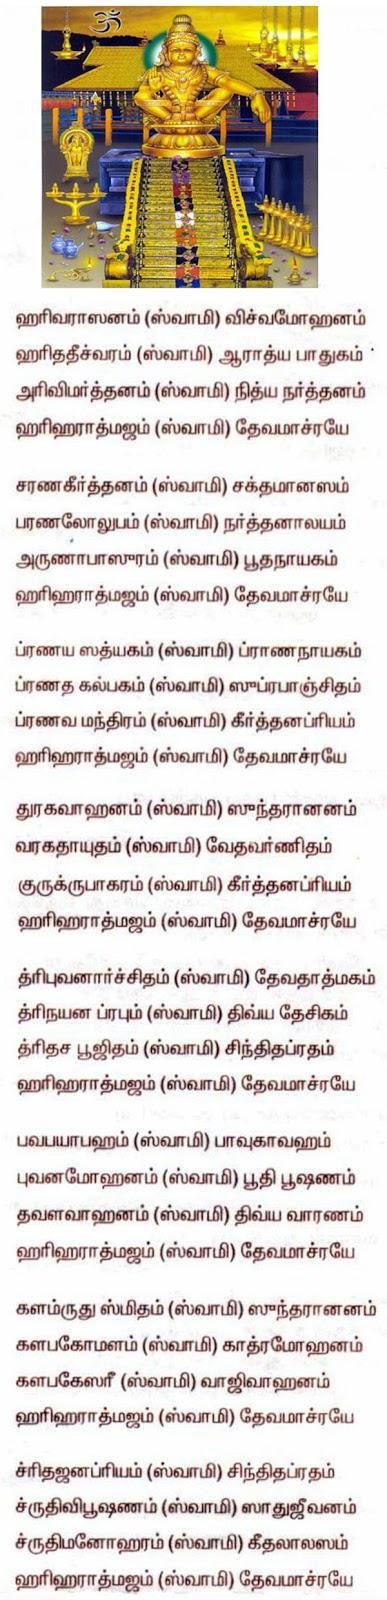 K.j. Yesudas - Harivarasanam lyrics